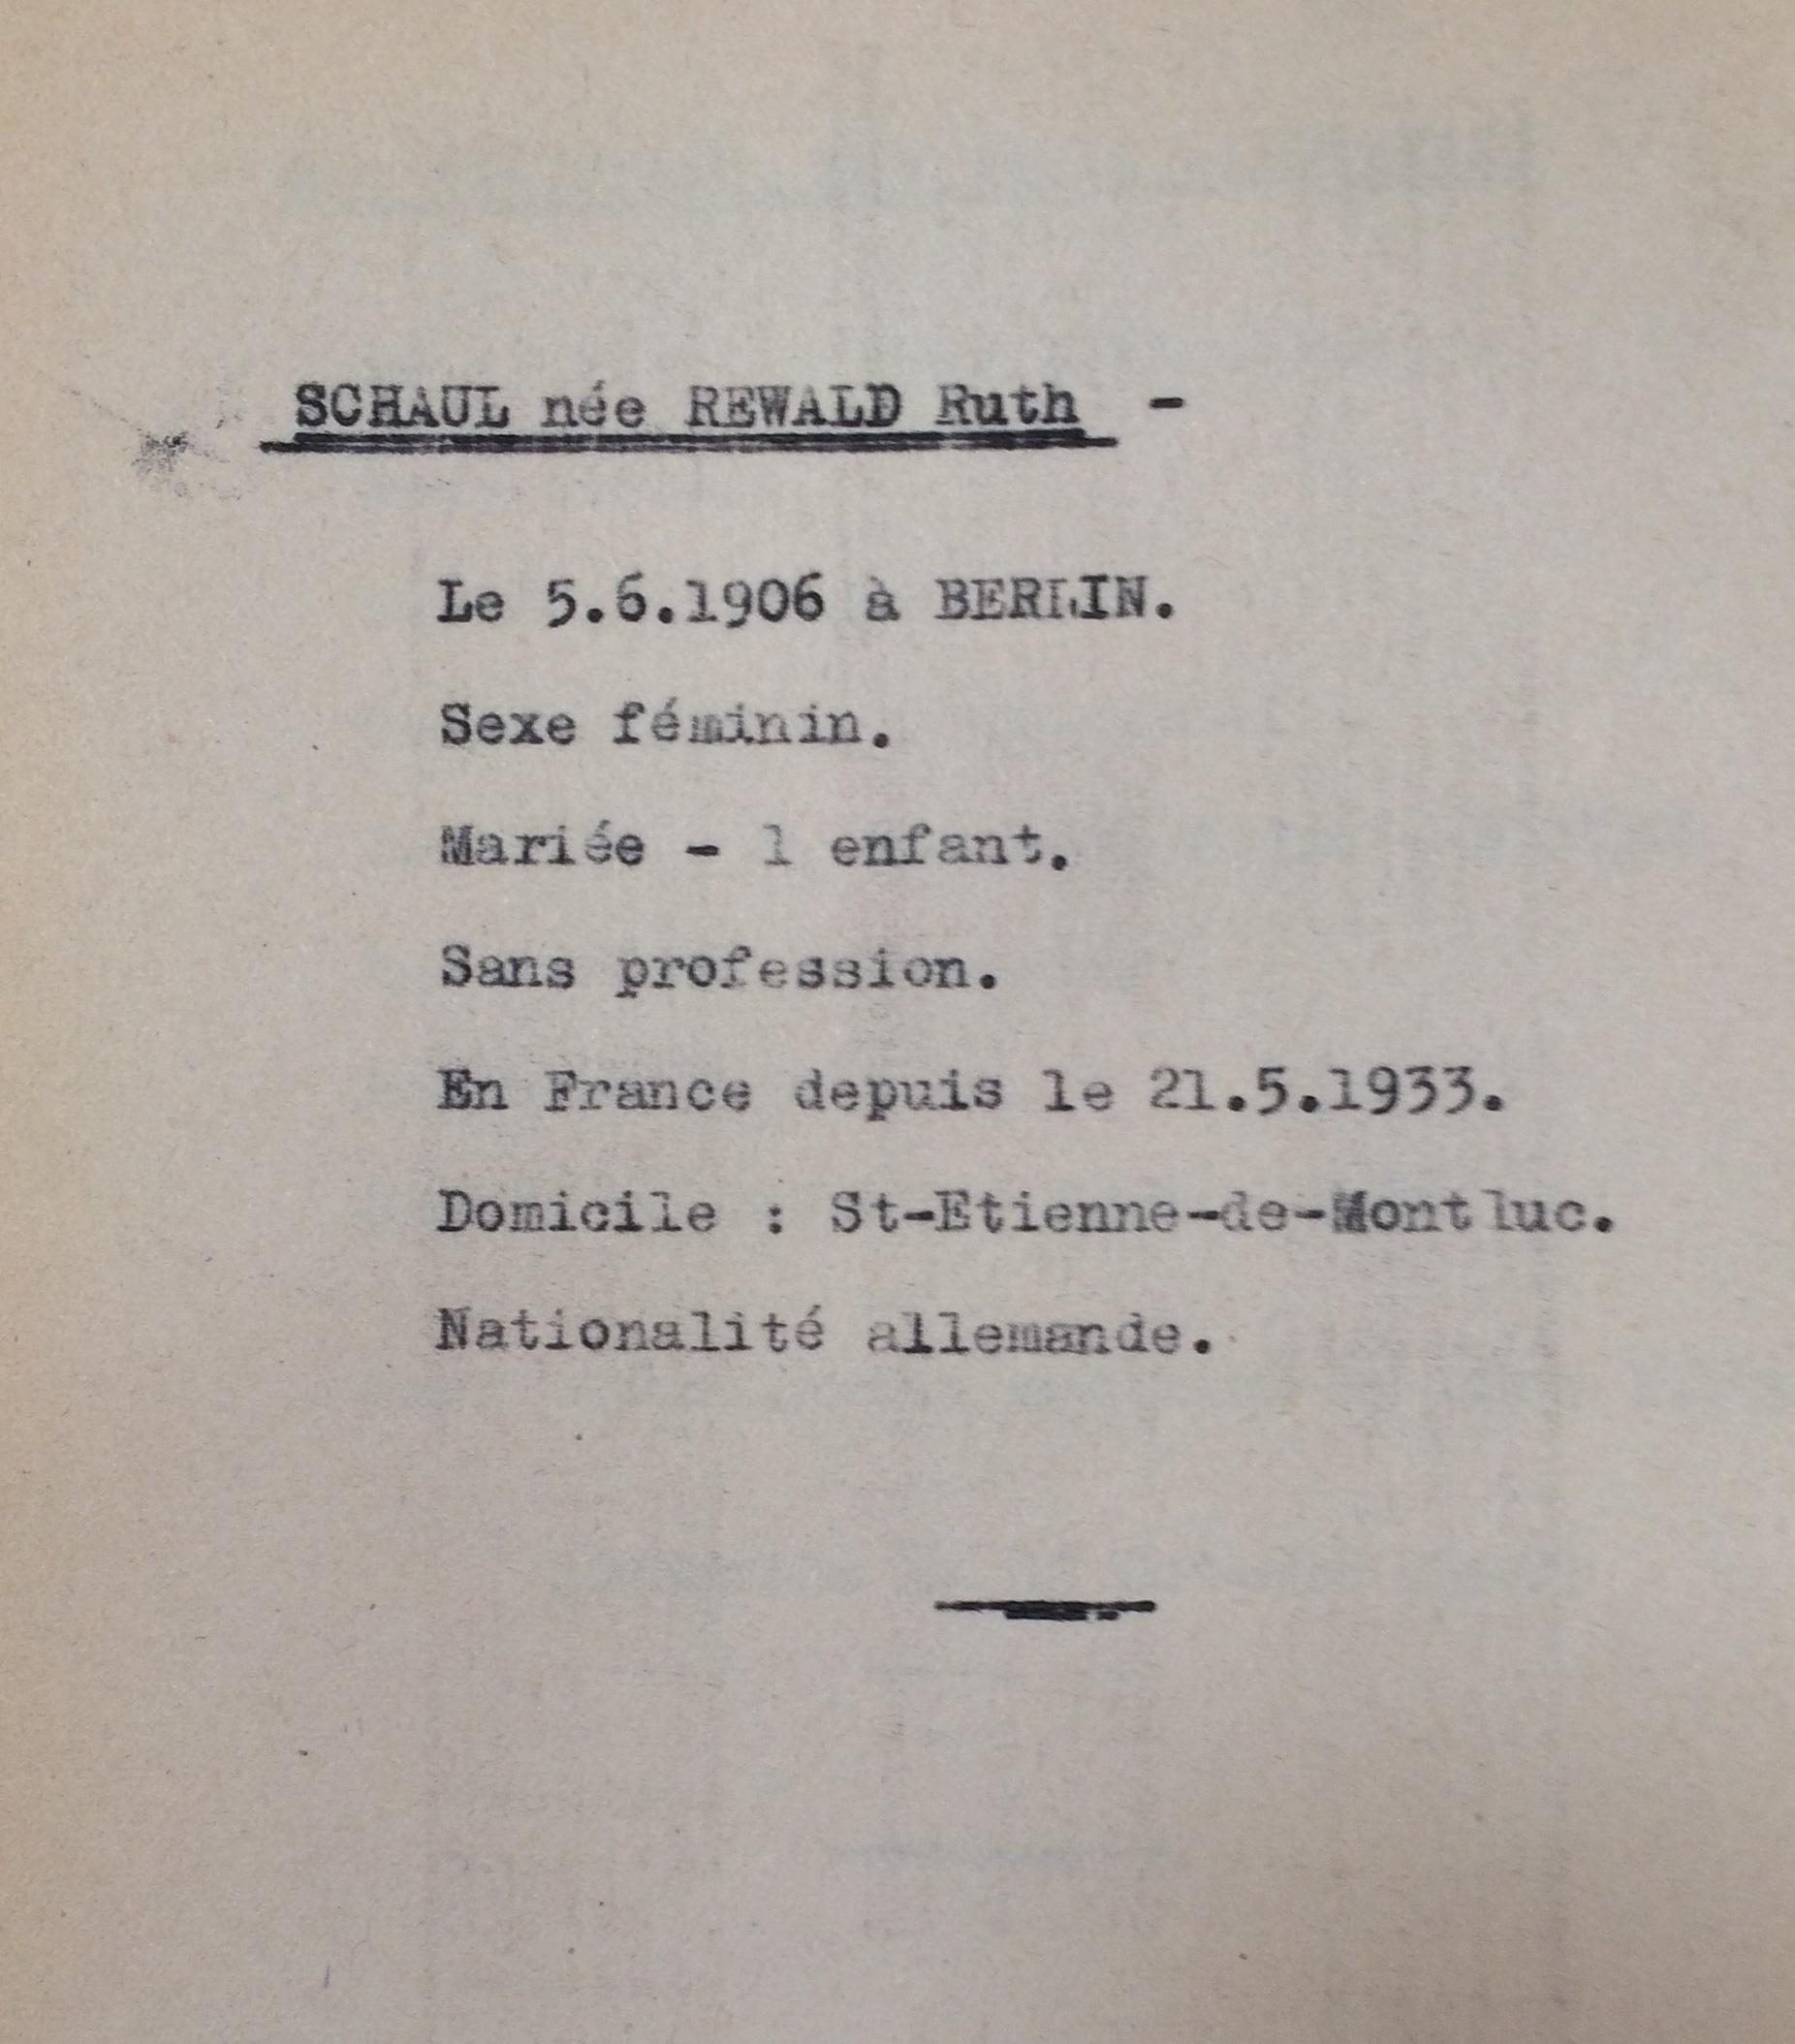 Fiches Allemands Polonais Slovaques Autrichiens [ADLA 1694W25]